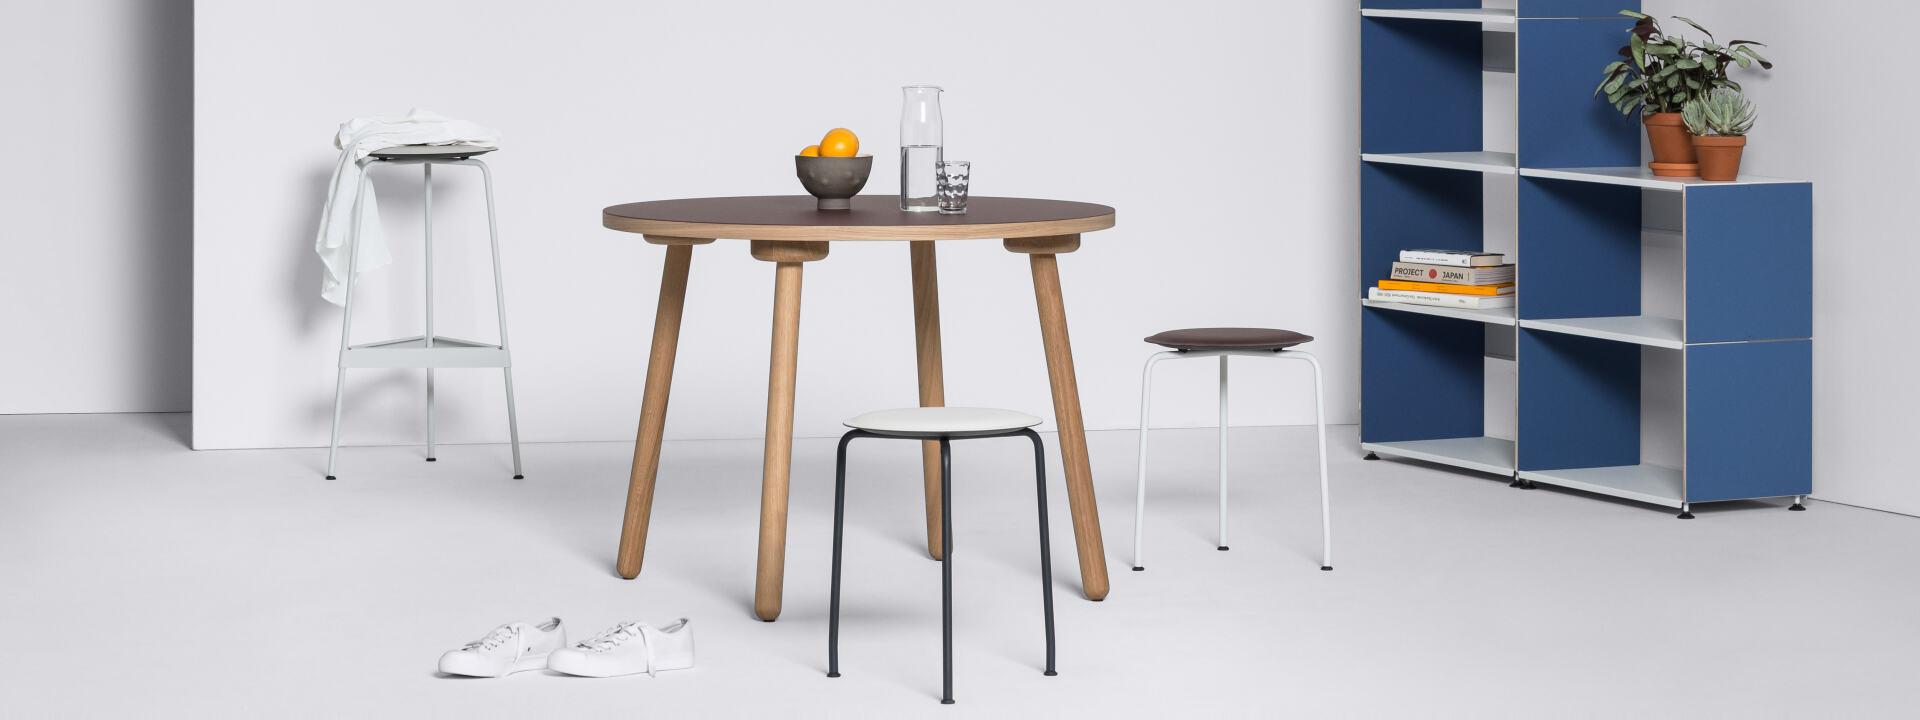 MT2 Eiche (4 Stück), Tischgestelle, Tischgestelle, Tischgestell, Tischbeine, Holz